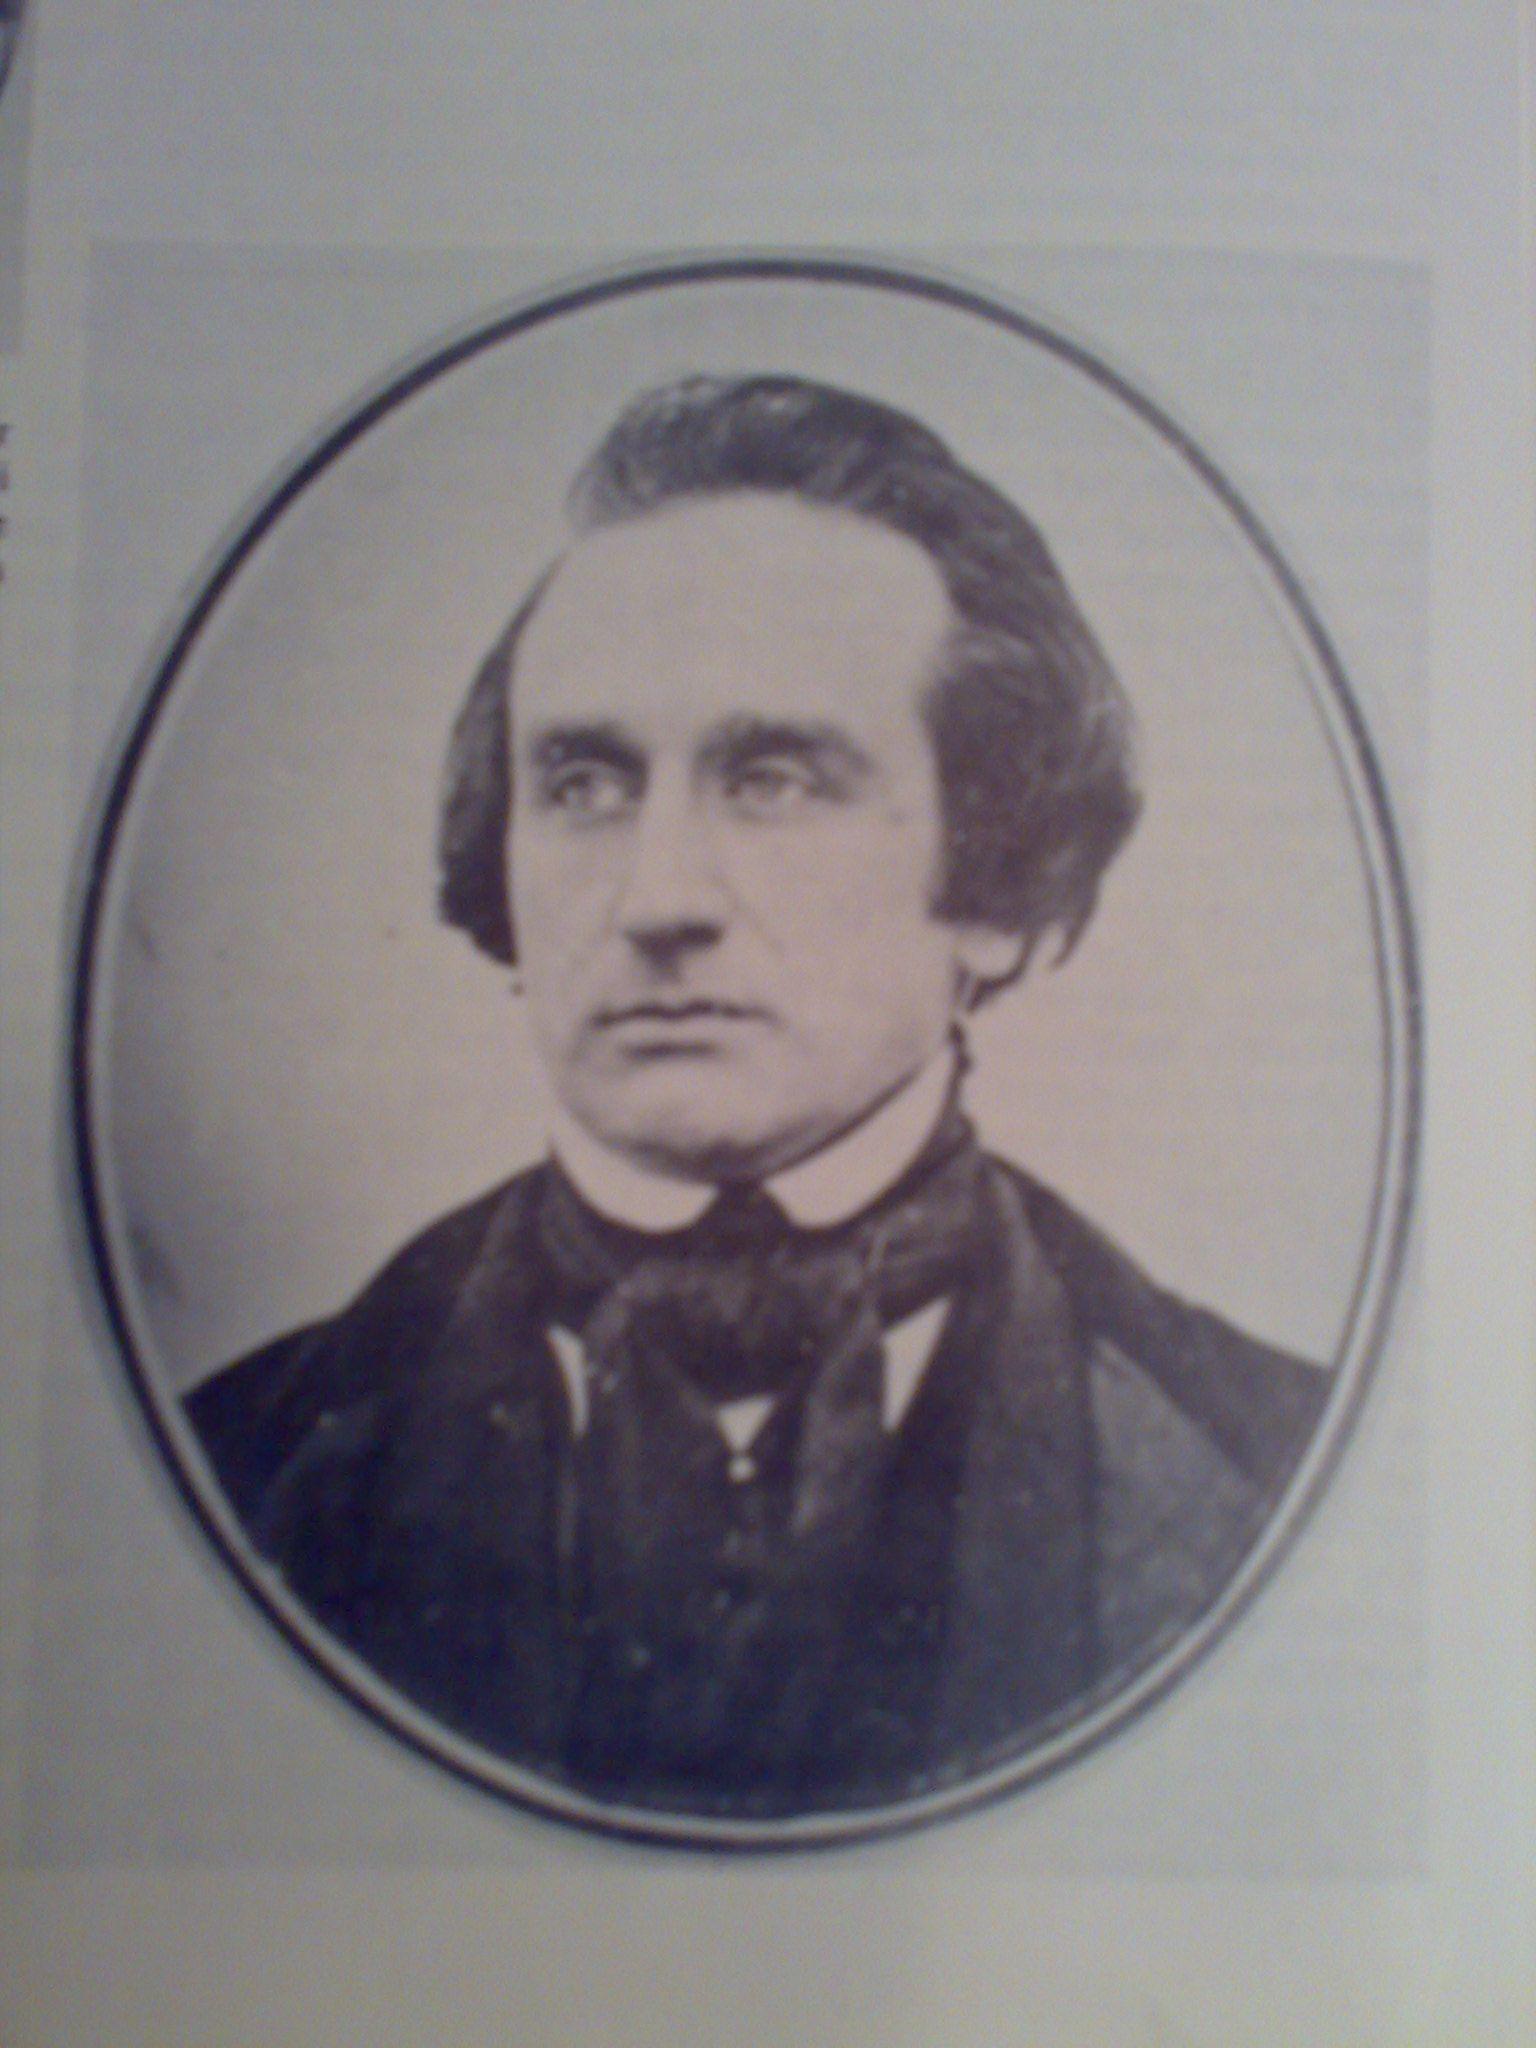 PSYKIATRIENS FAR: Herman Wedel Major la grunnlaget for sindsykeloven og sørget for at Norge fikk sitt første psykiatriske sykehuse: Gaustad i Oslo.